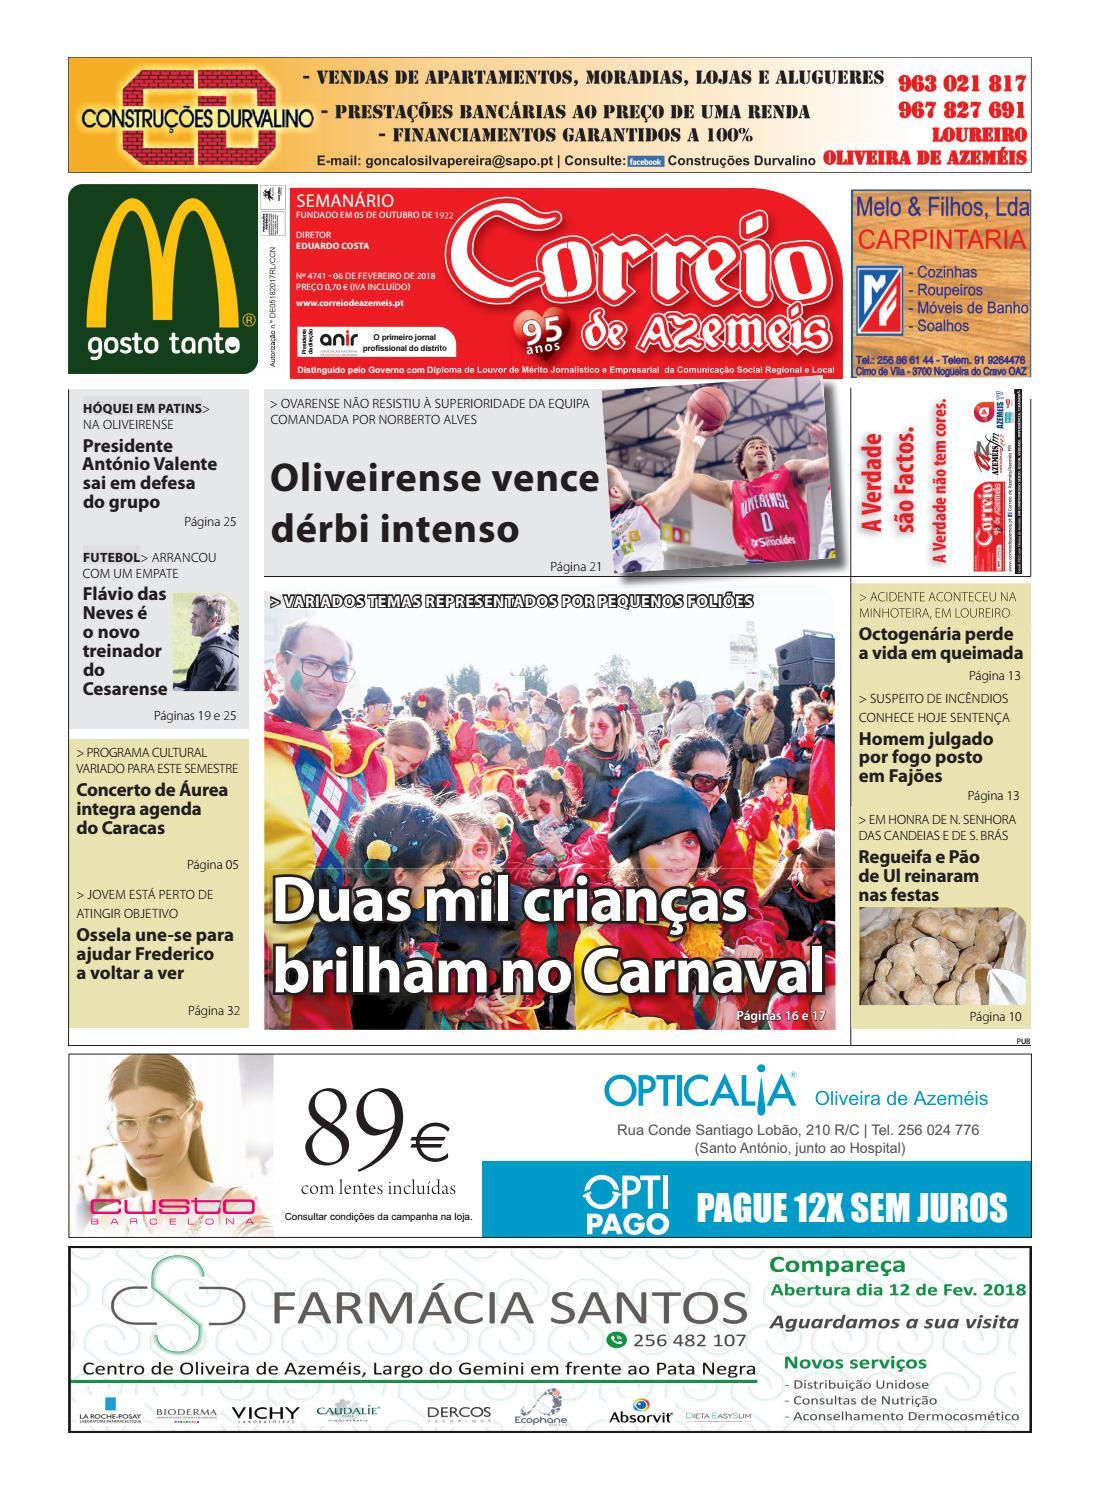 6 01 2018 by Correio de Azeméis - issuu 3d29a715ca5cb